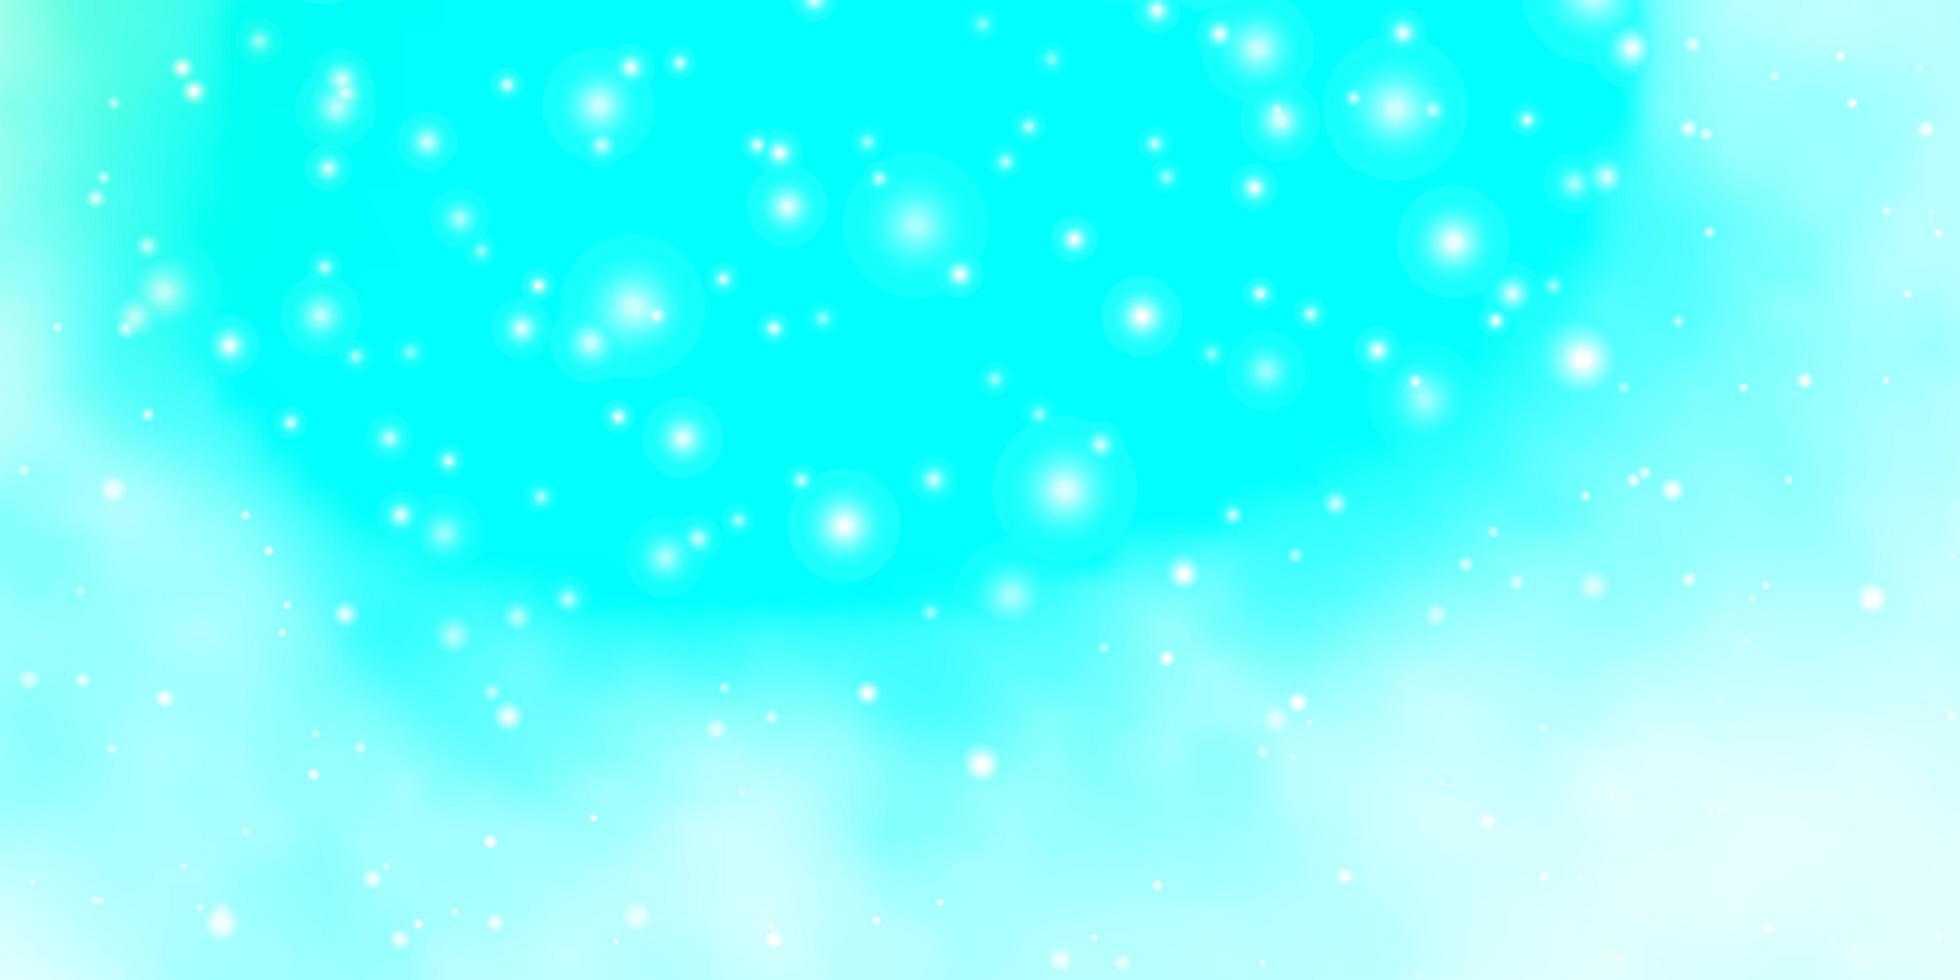 modello blu con stelle al neon. vettore